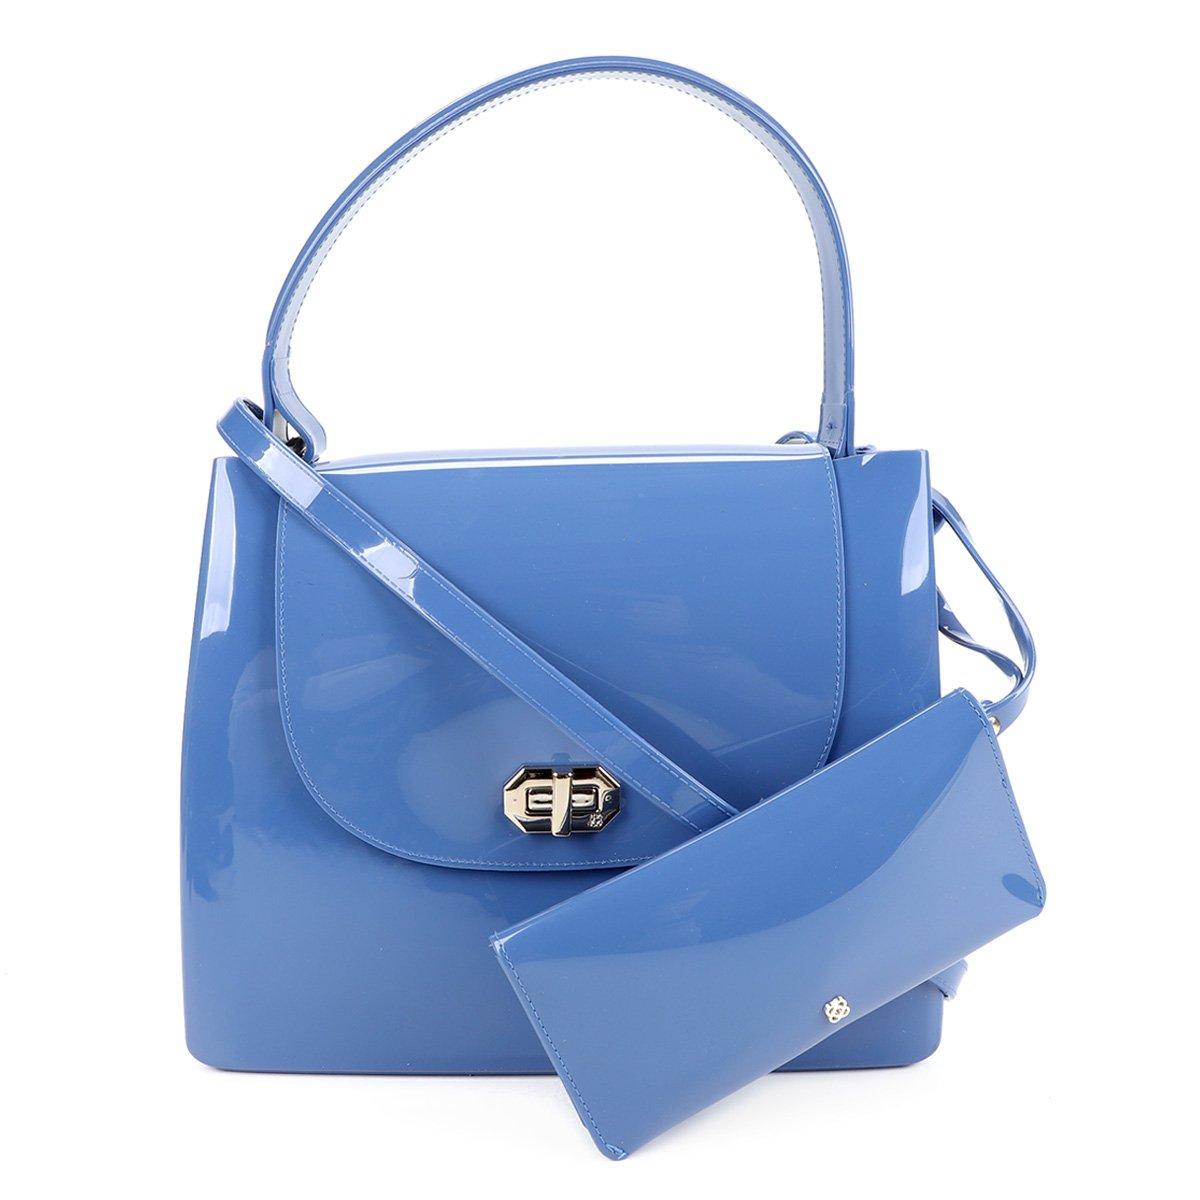 Bolsa Petite Jolie Analu Feminina - Azul